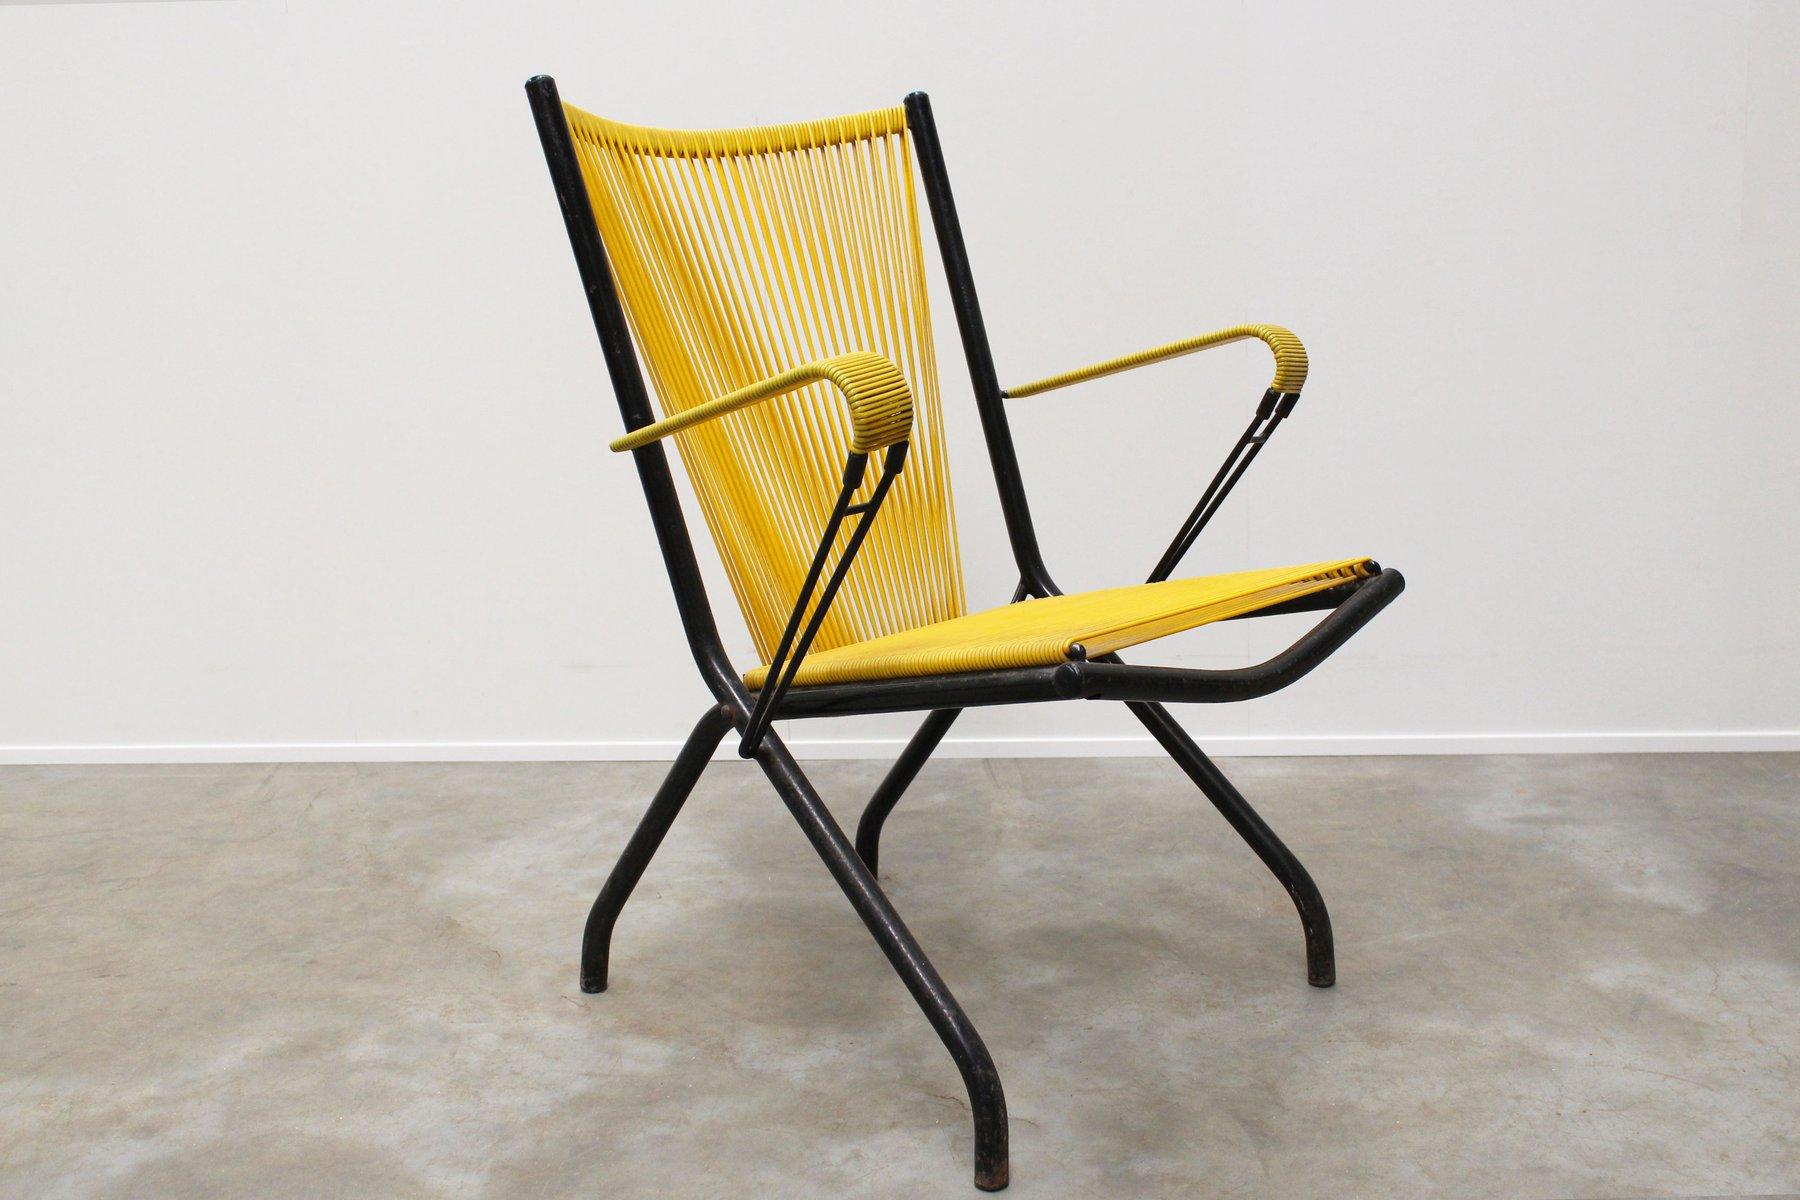 fauteuil scoubidou mid century pliable par andr monpoix. Black Bedroom Furniture Sets. Home Design Ideas